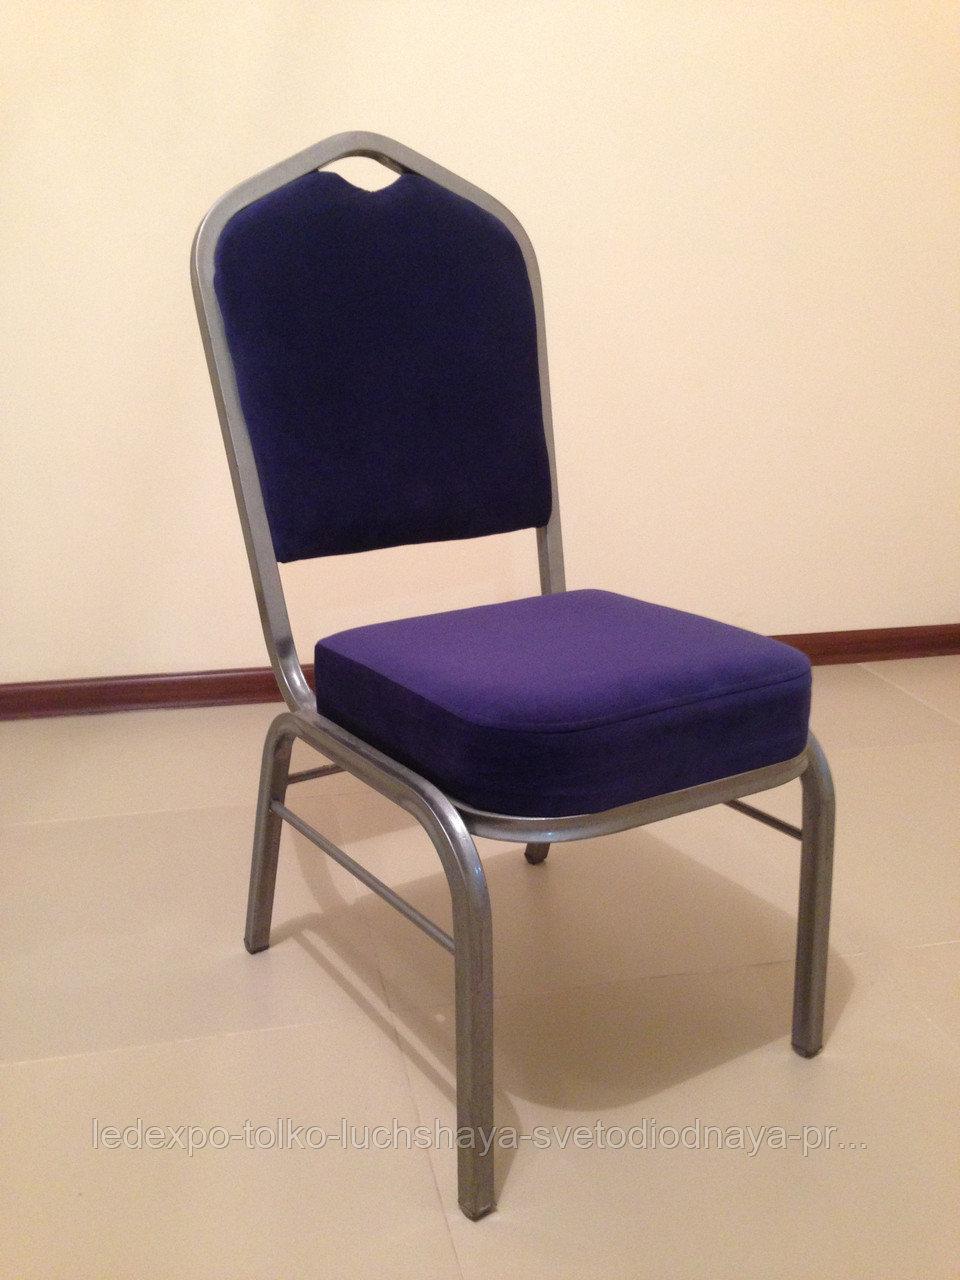 Металлический банкетный стул - Венский Premium